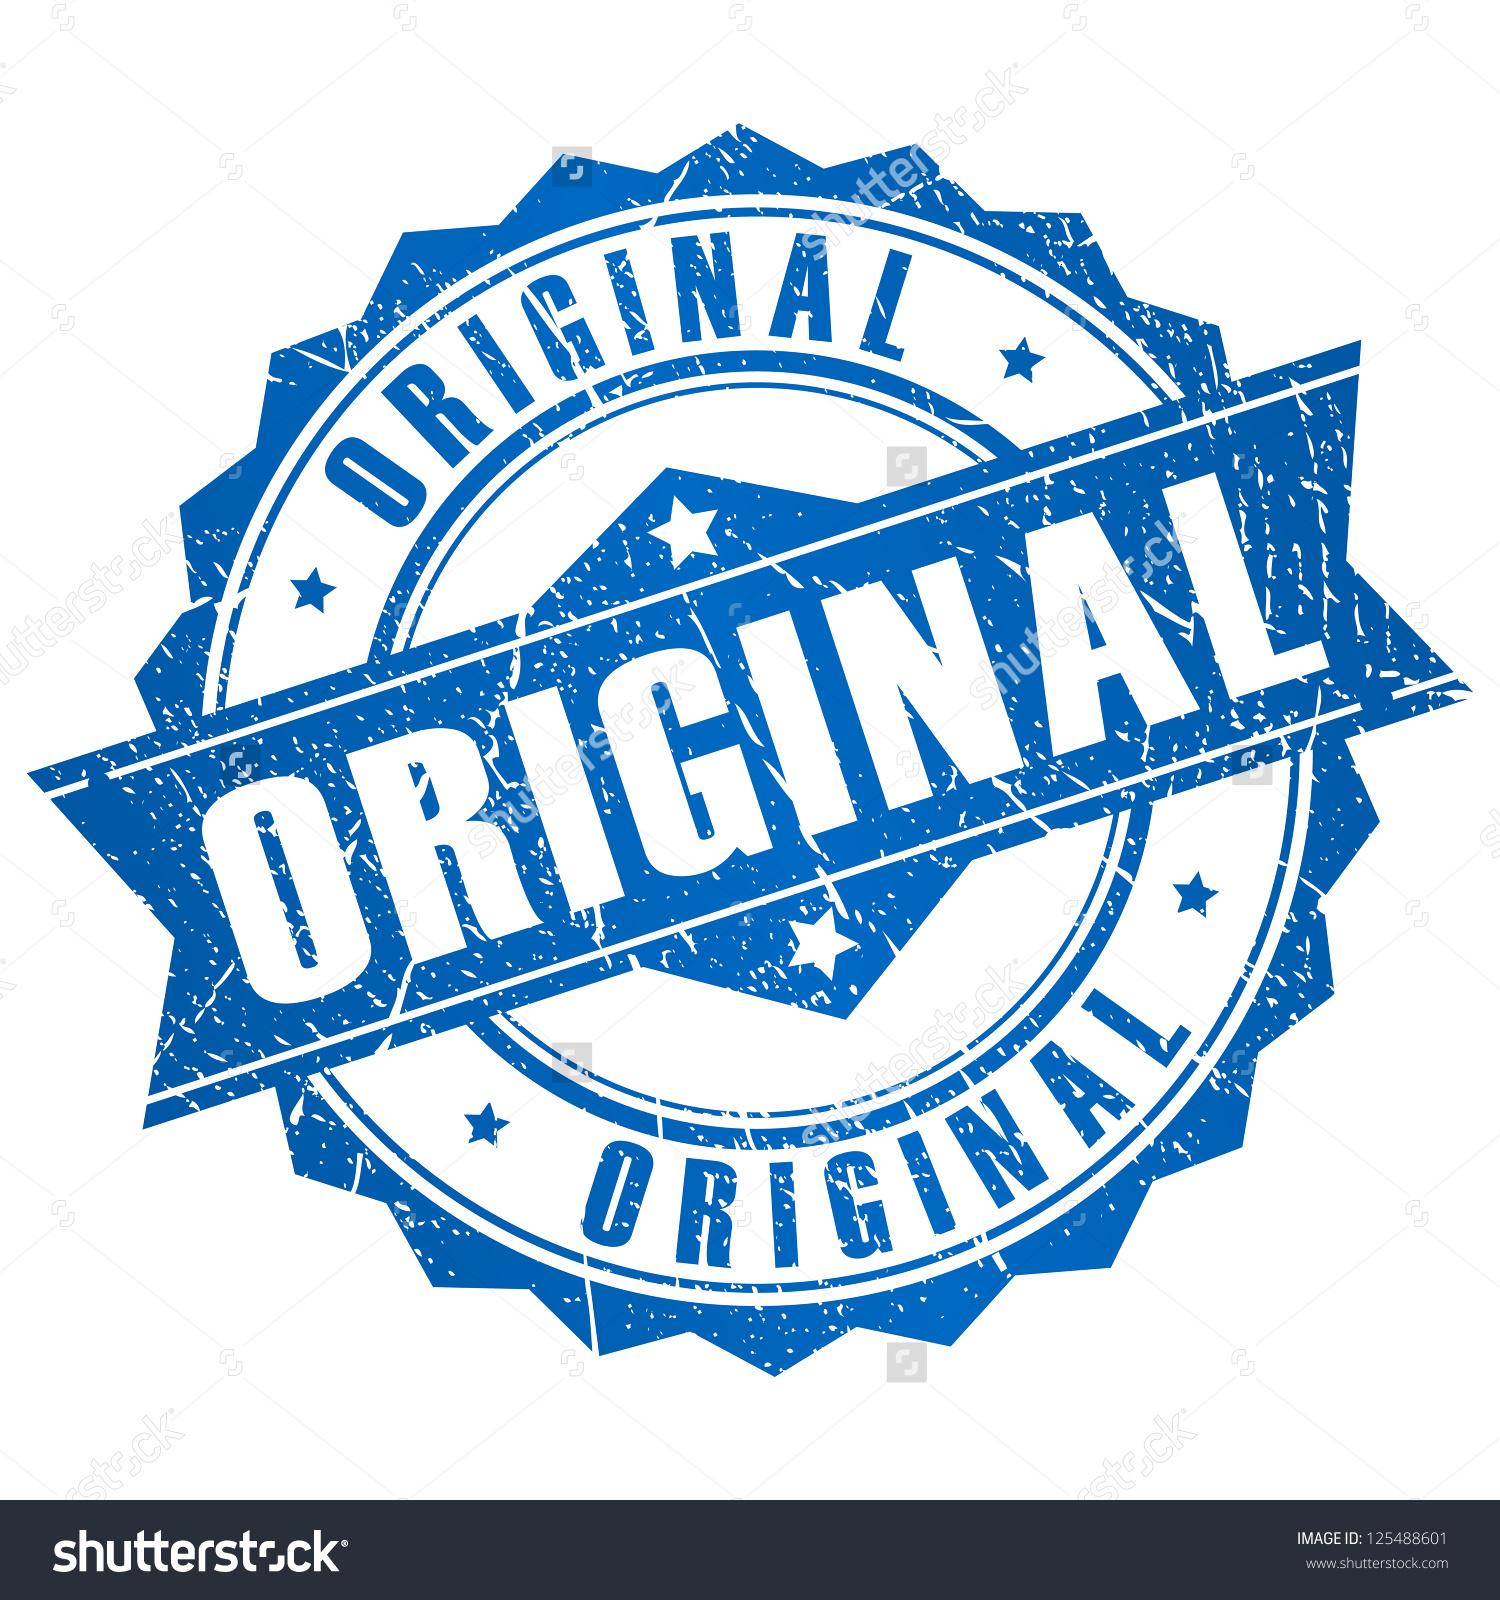 Original Backgrounds, Compatible - PC, Mobile, Gadgets| 1500x1600 px